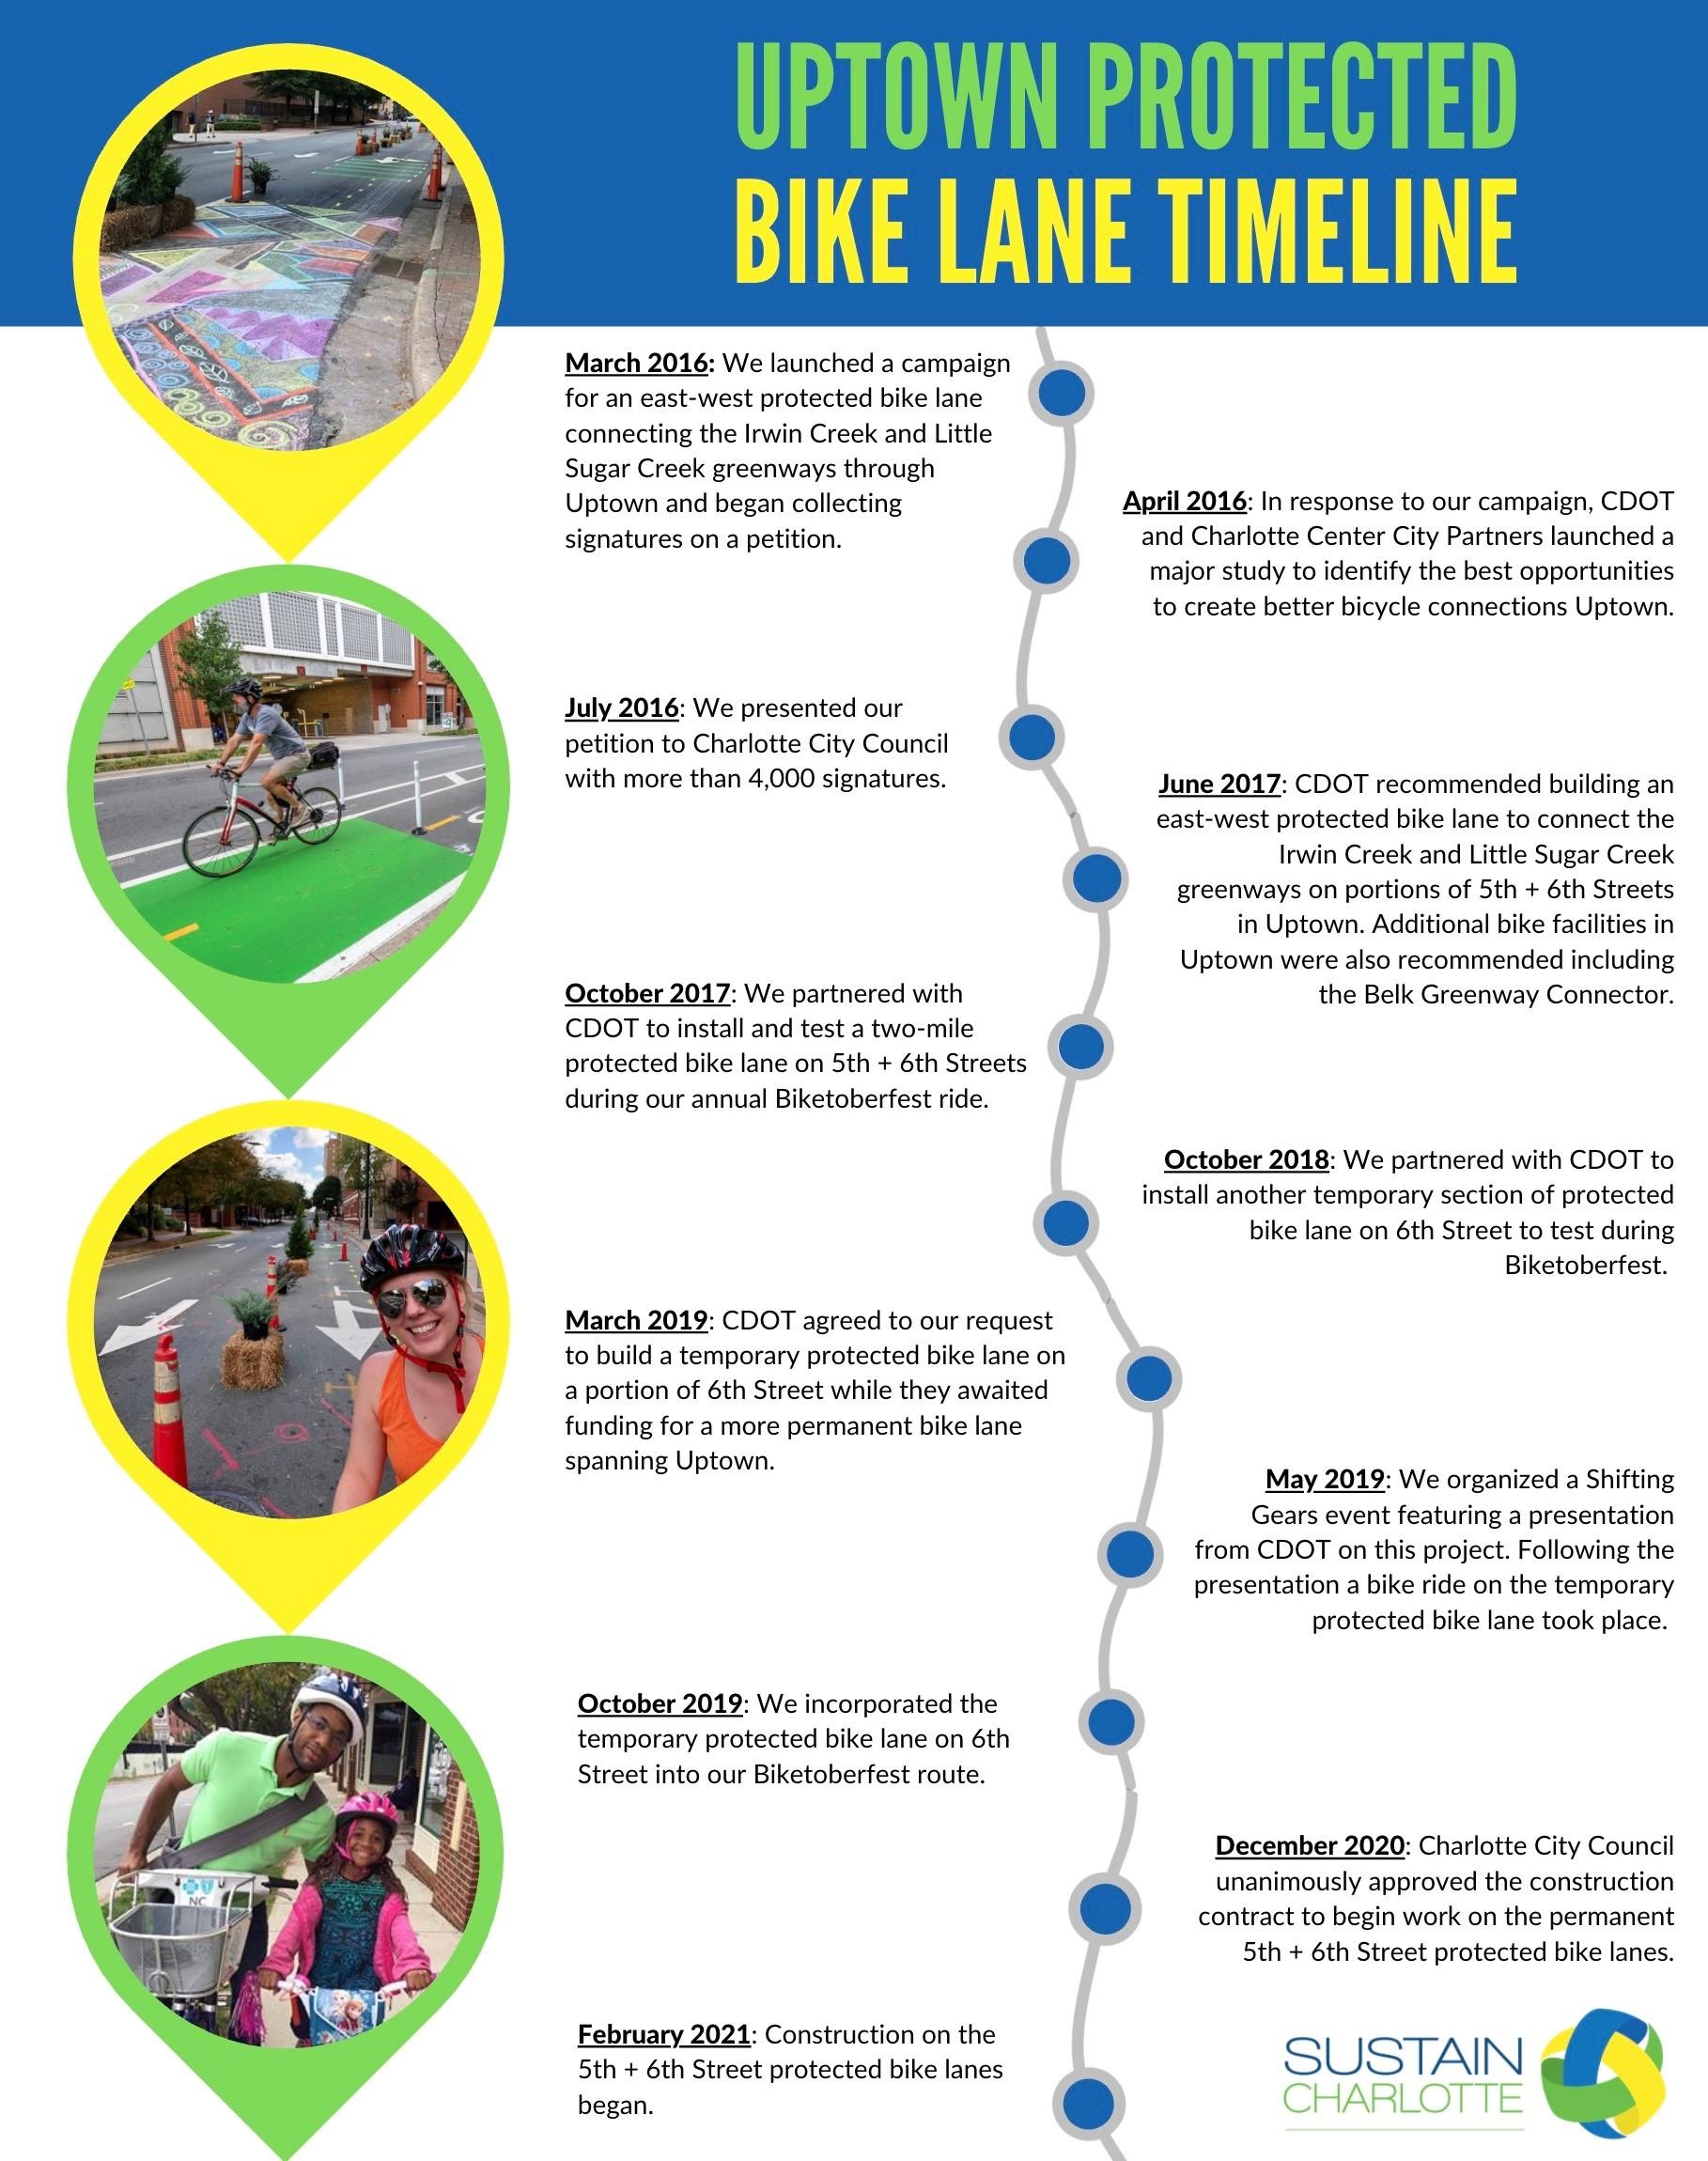 uptown_Protected_bike_lane_timeline.jpg